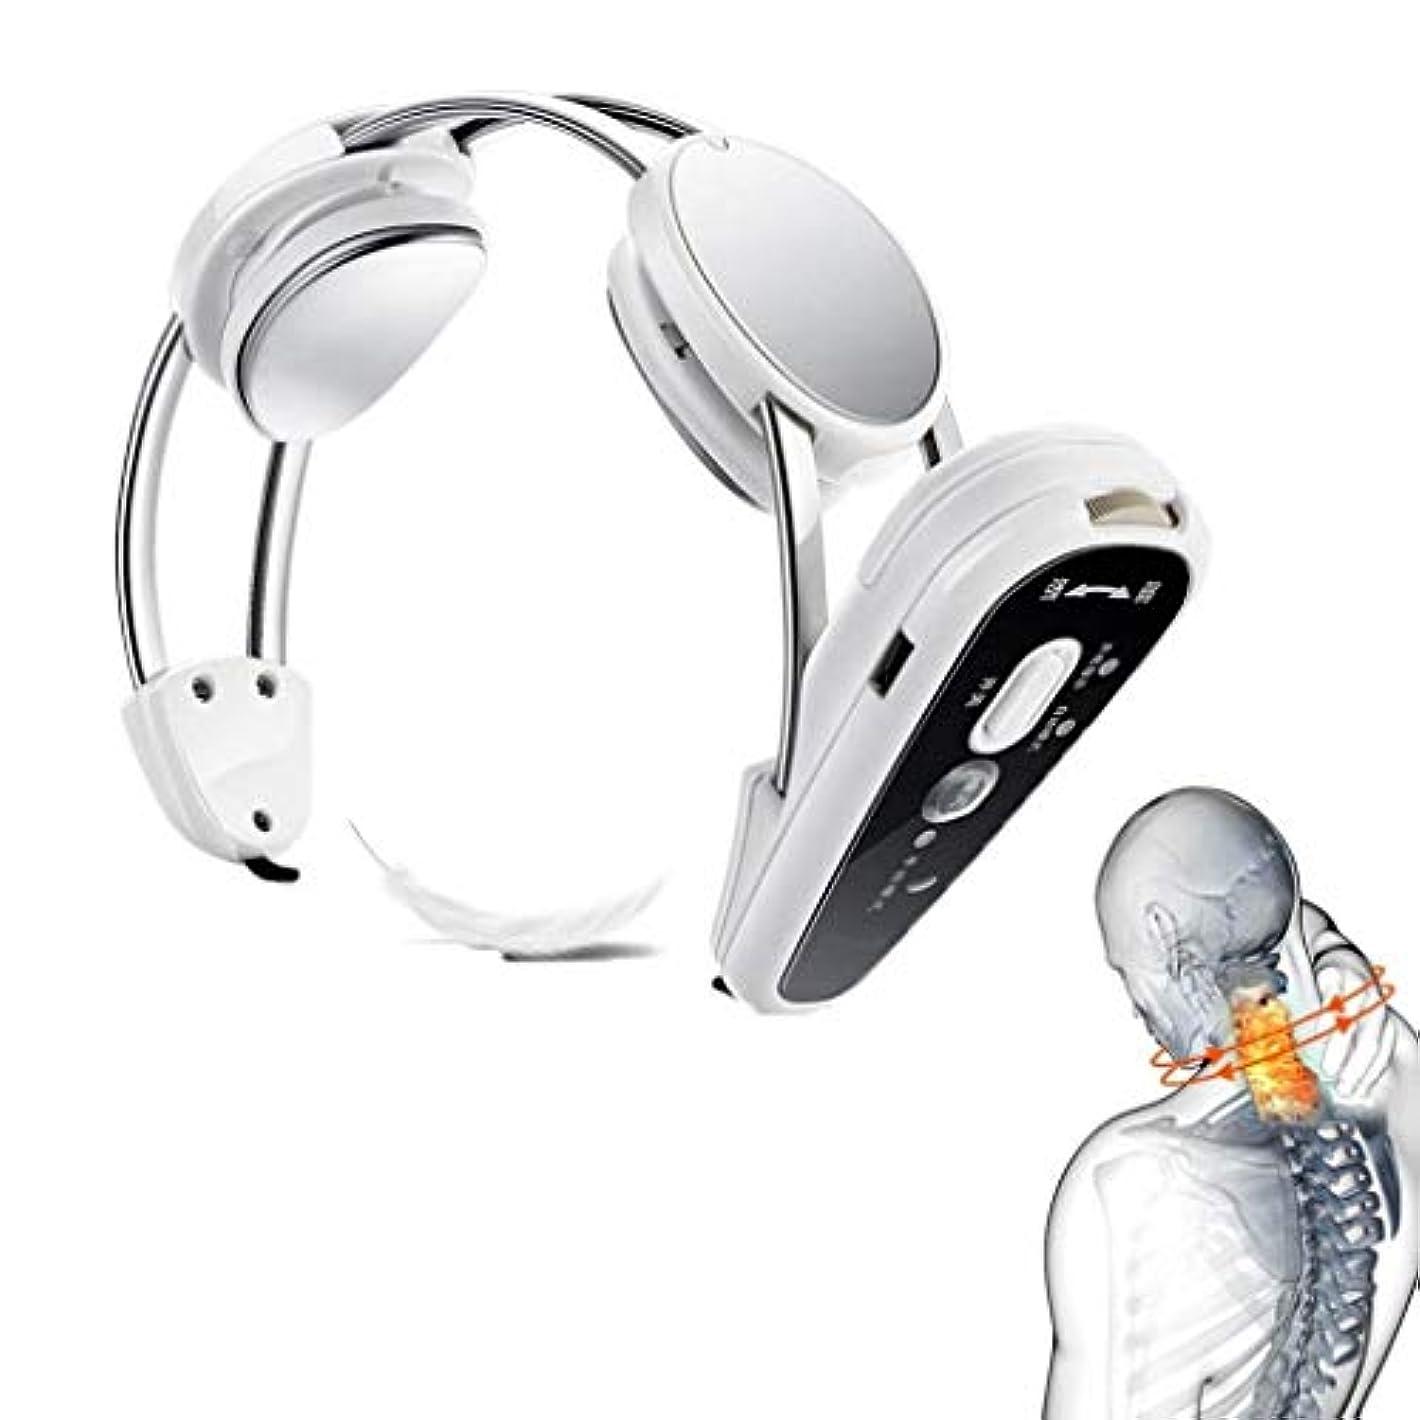 オーガニック非公式極端な熱くするUSB??充満の電気首のマッサージャーは筋肉痛を取り除き、慢性的な首の苦痛を取り除きます、家、オフィス/車/家のポータブル